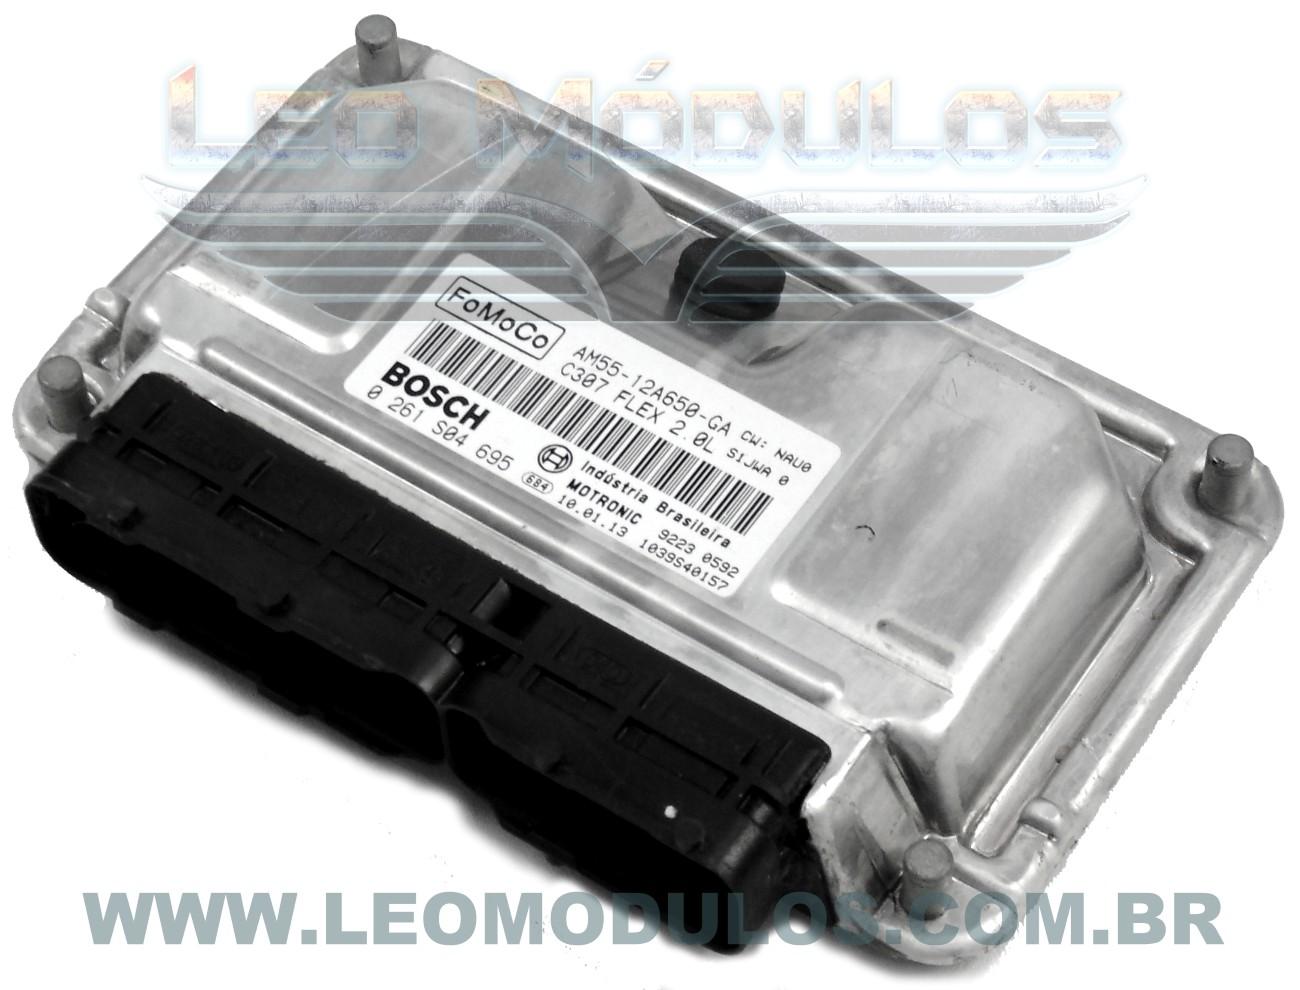 Módulo de injeção bosch Fomoco - 0261S04695 AM5512A650GA - Ford Ecosport 2.0 Flex - 0 261 S04 695 - Leo Módulos